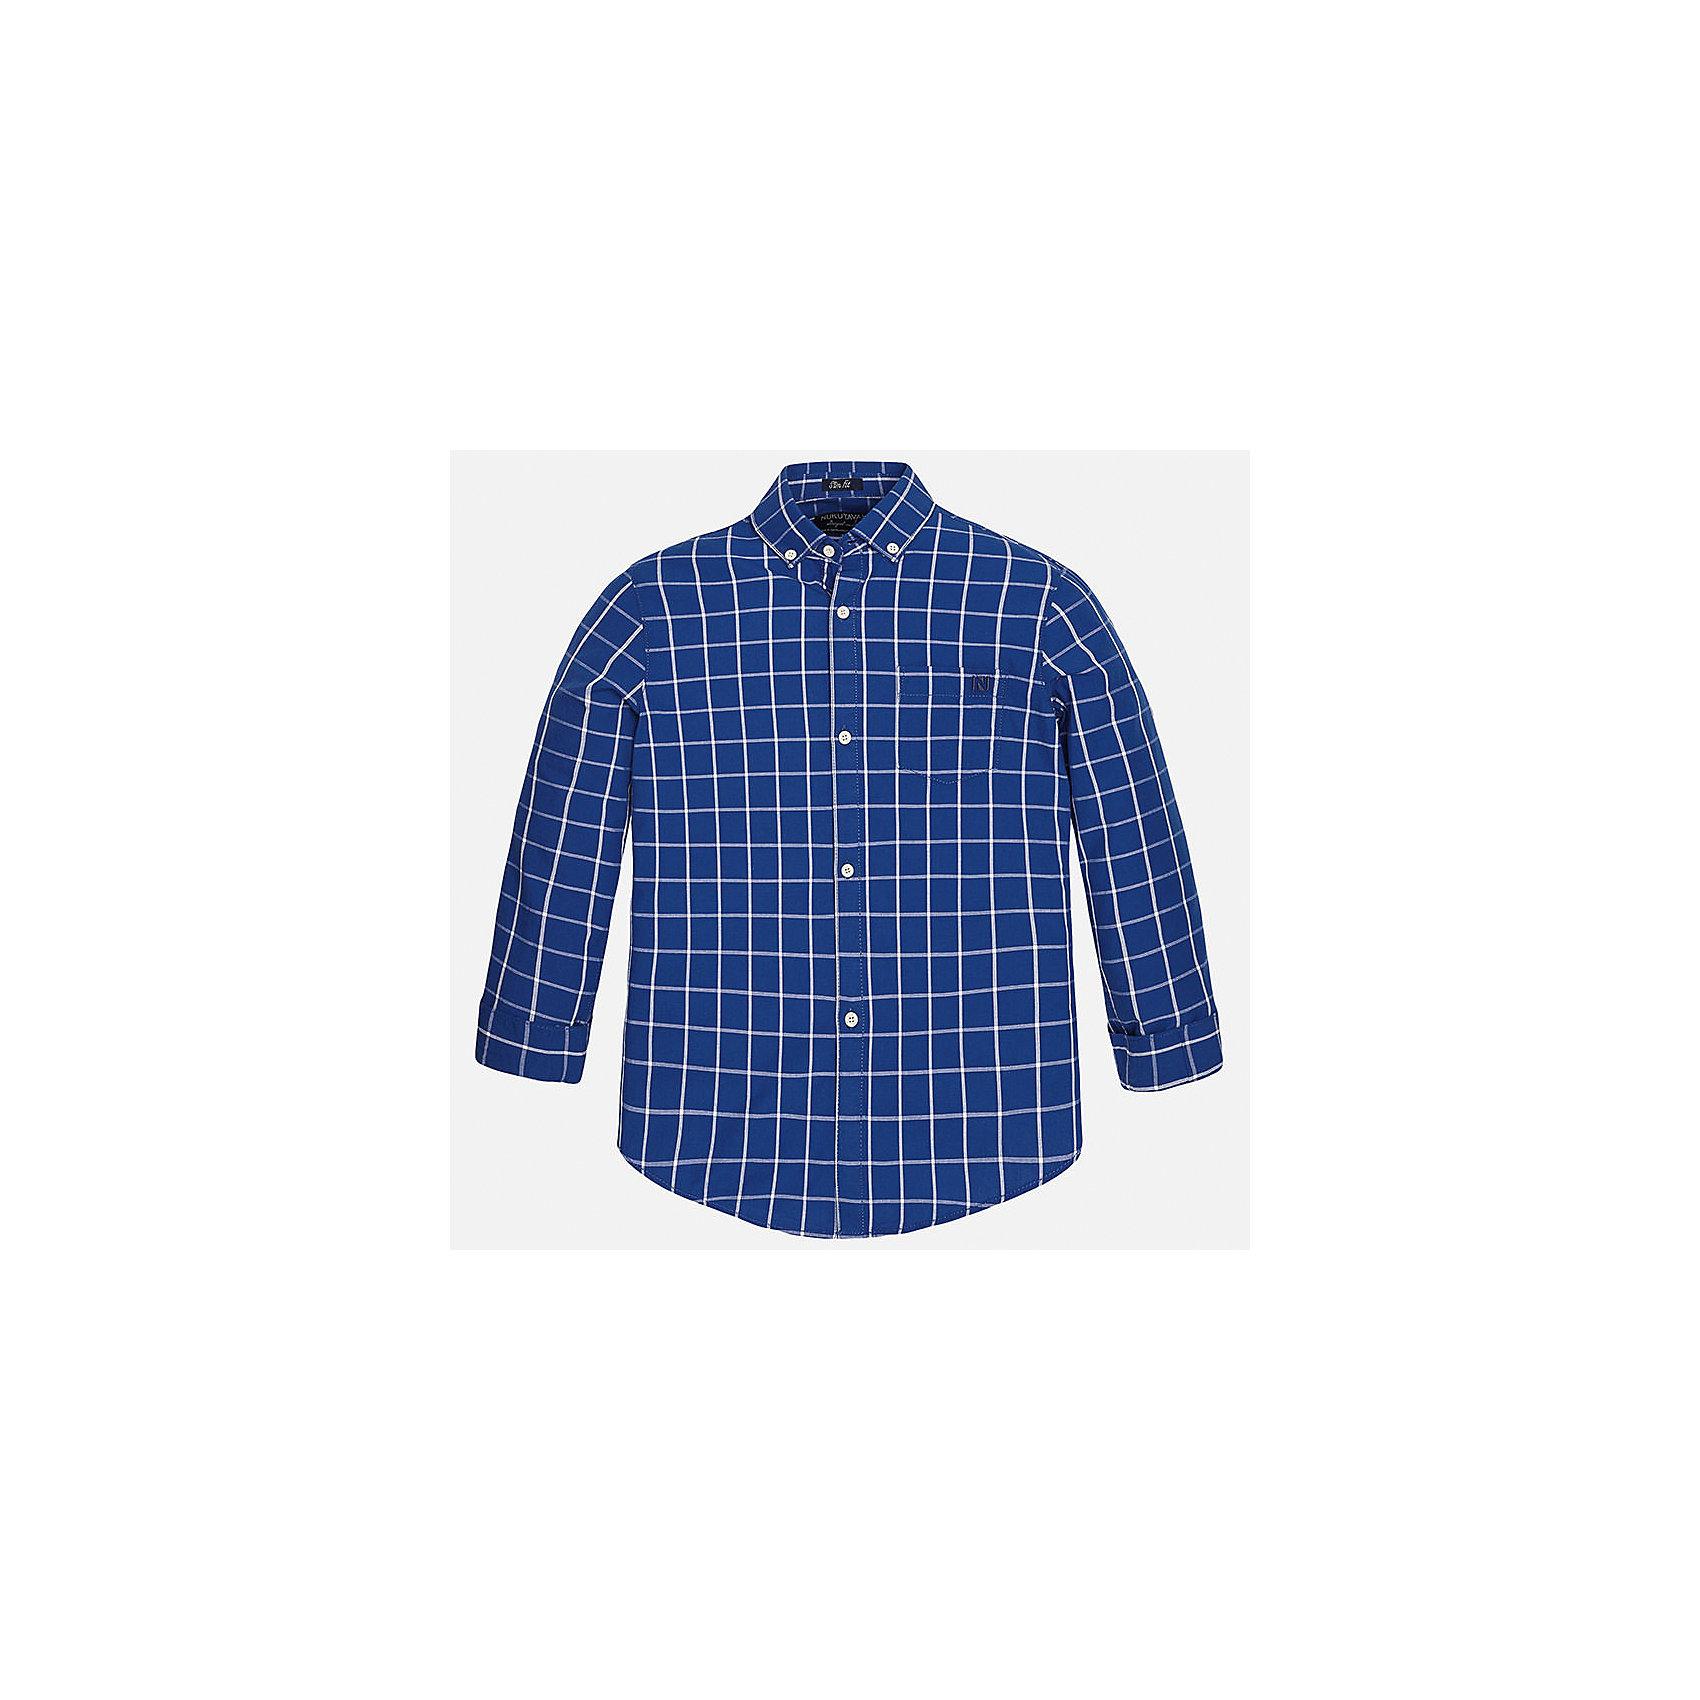 Рубашка для мальчика MayoralБлузки и рубашки<br>Характеристики товара:<br><br>• цвет: синий<br>• состав: 100% хлопок<br>• отложной воротник<br>• в клетку<br>• застежка: пуговицы<br>• рукава с отворотами<br>• вышивка и карман на груди<br>• страна бренда: Испания<br><br>Стильная рубашка для мальчика может стать базовой вещью в гардеробе ребенка. Она отлично сочетается с брюками, шортами, джинсами и т.д. Универсальный крой и цвет позволяет подобрать к вещи низ разных расцветок. Практичное и стильное изделие! В составе материала - только натуральный хлопок, гипоаллергенный, приятный на ощупь, дышащий.<br><br>Одежда, обувь и аксессуары от испанского бренда Mayoral полюбились детям и взрослым по всему миру. Модели этой марки - стильные и удобные. Для их производства используются только безопасные, качественные материалы и фурнитура. Порадуйте ребенка модными и красивыми вещами от Mayoral! <br><br>Рубашку для мальчика от испанского бренда Mayoral (Майорал) можно купить в нашем интернет-магазине.<br><br>Ширина мм: 174<br>Глубина мм: 10<br>Высота мм: 169<br>Вес г: 157<br>Цвет: серый<br>Возраст от месяцев: 96<br>Возраст до месяцев: 108<br>Пол: Мужской<br>Возраст: Детский<br>Размер: 140,170,164,158,152,128/134<br>SKU: 5281680